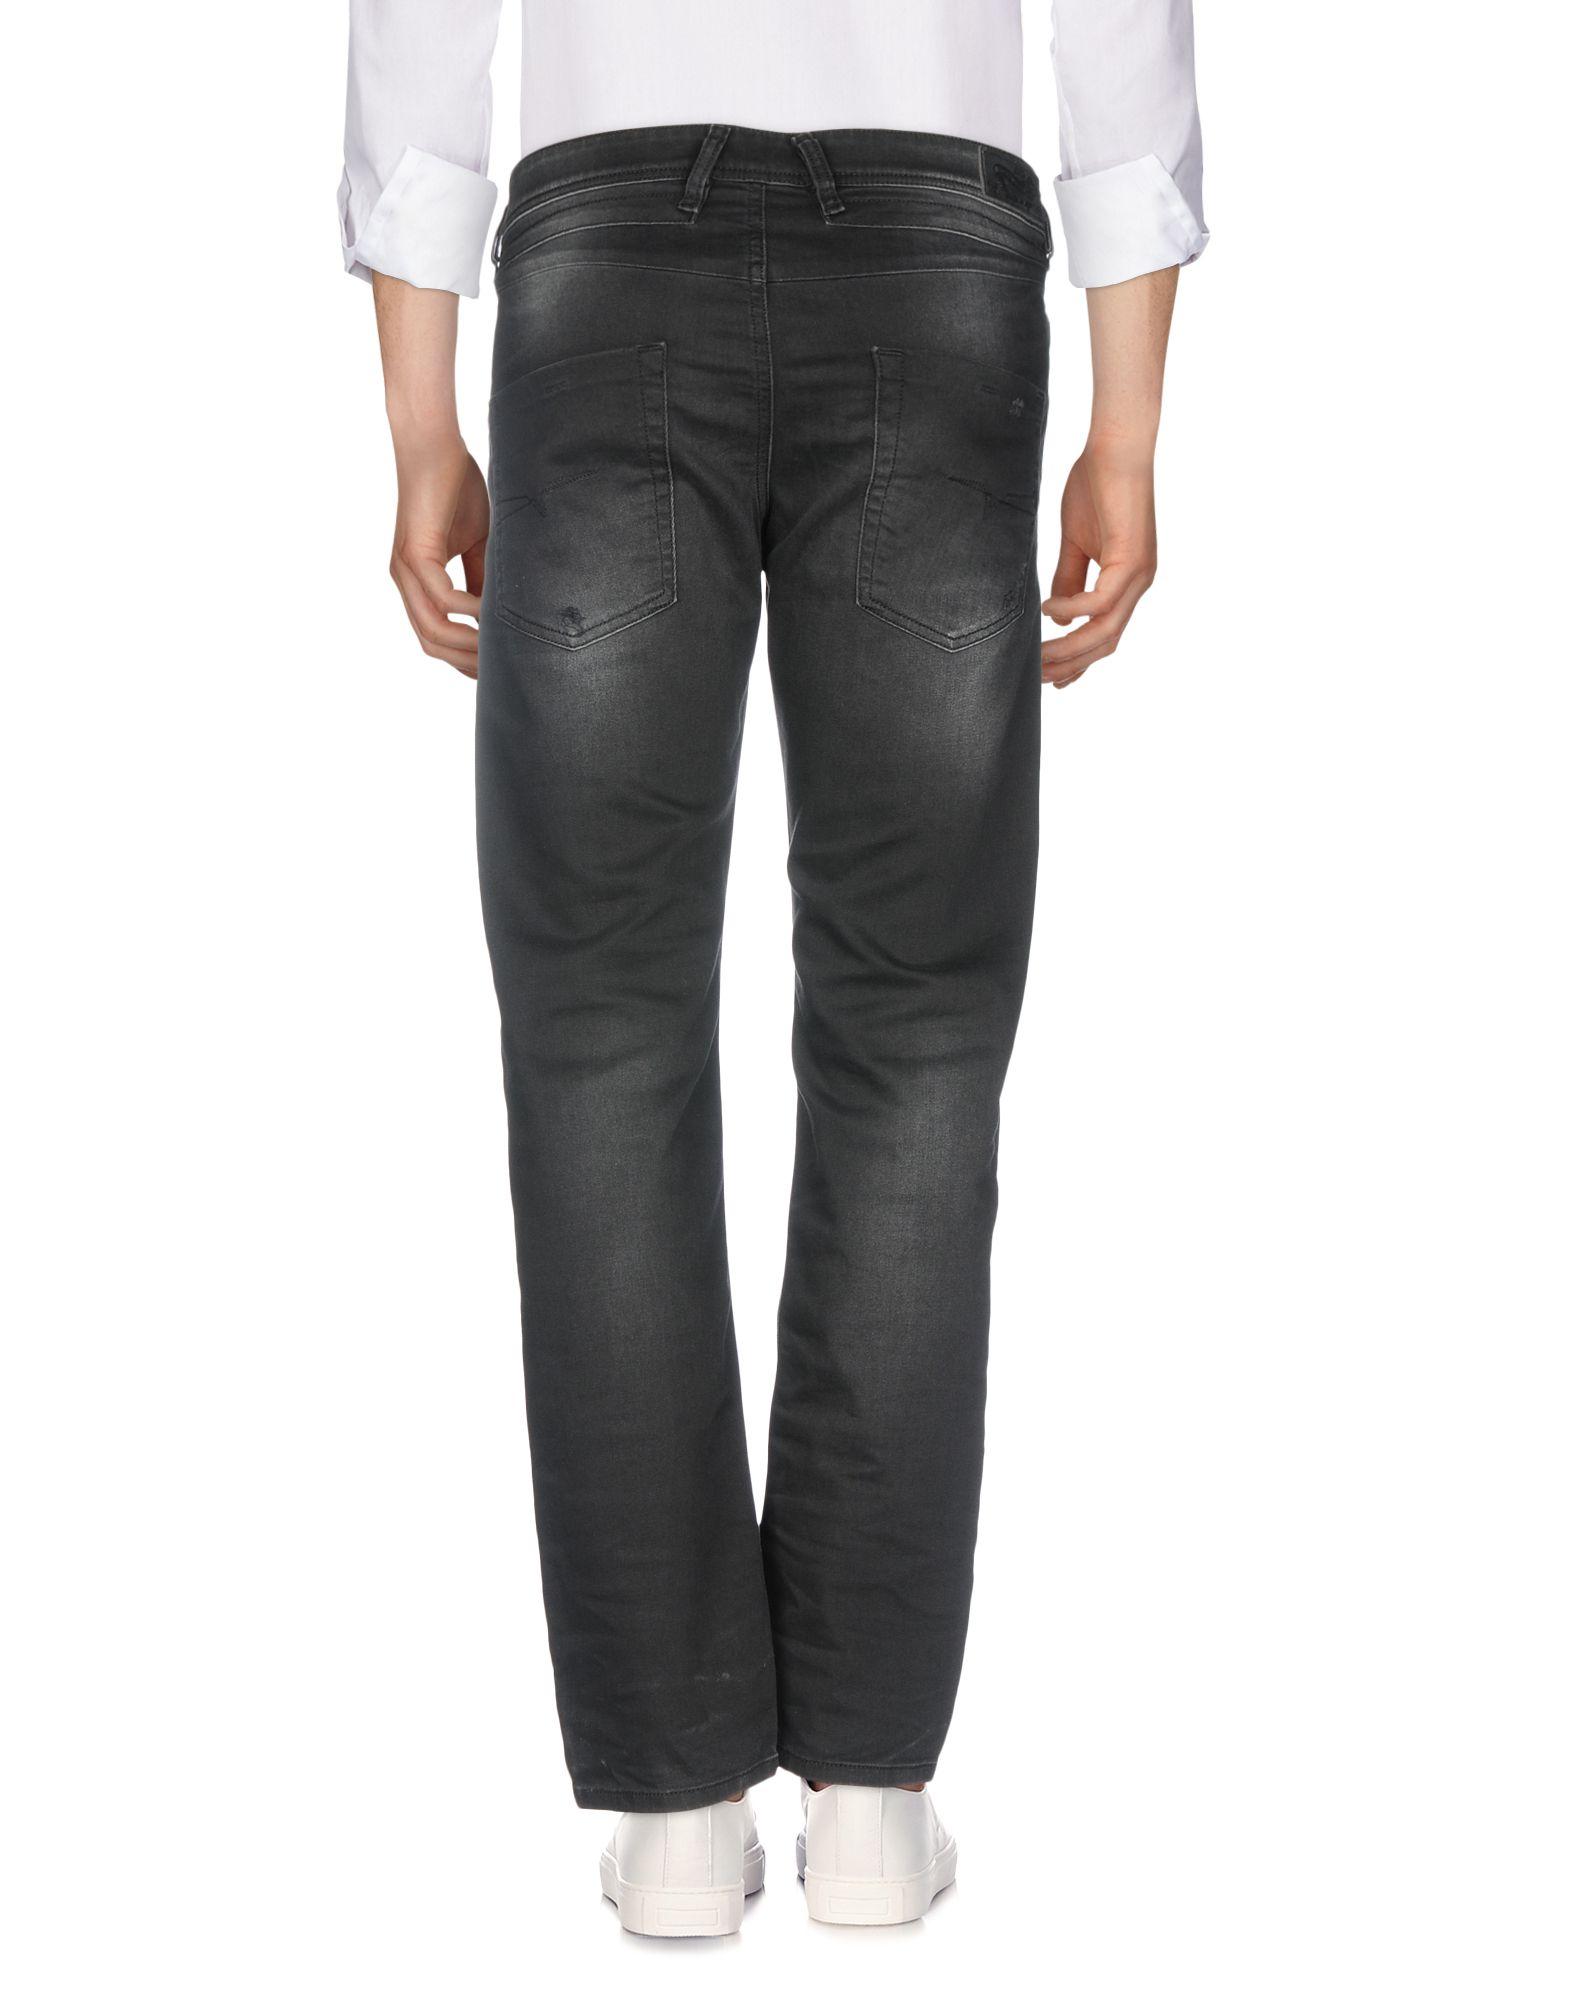 Pantaloni Jeans - Diesel Uomo - Jeans 42662849CS 6db7a1